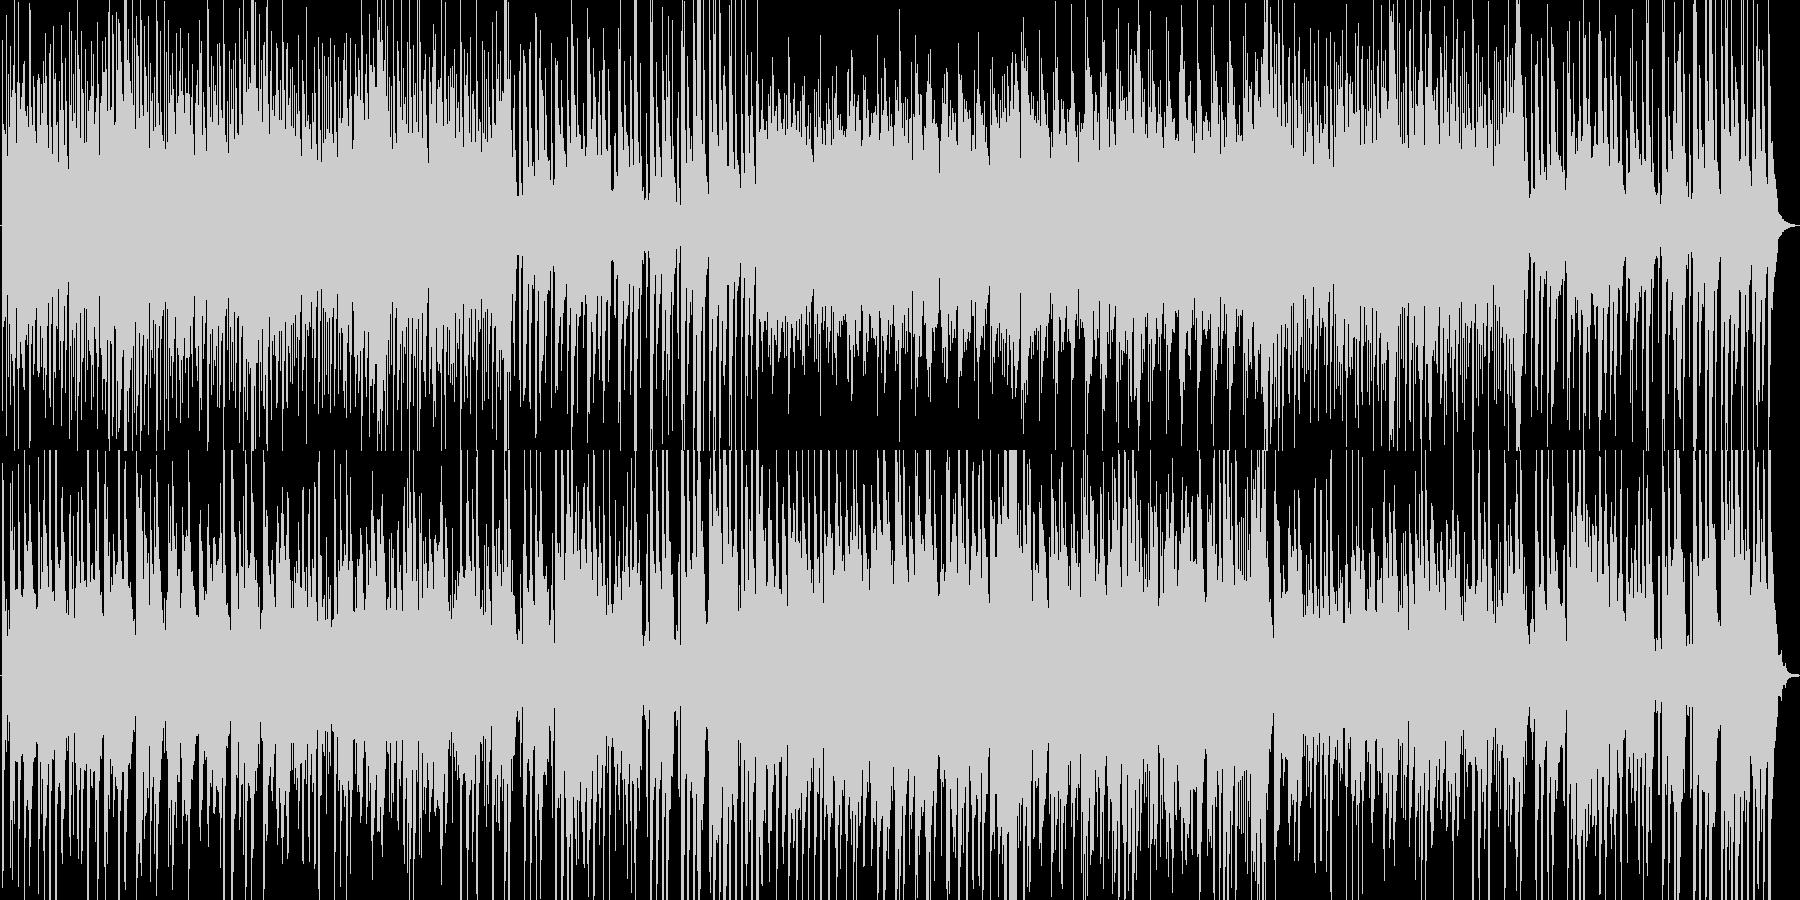 切ないピアノとハープのハーモニーの未再生の波形